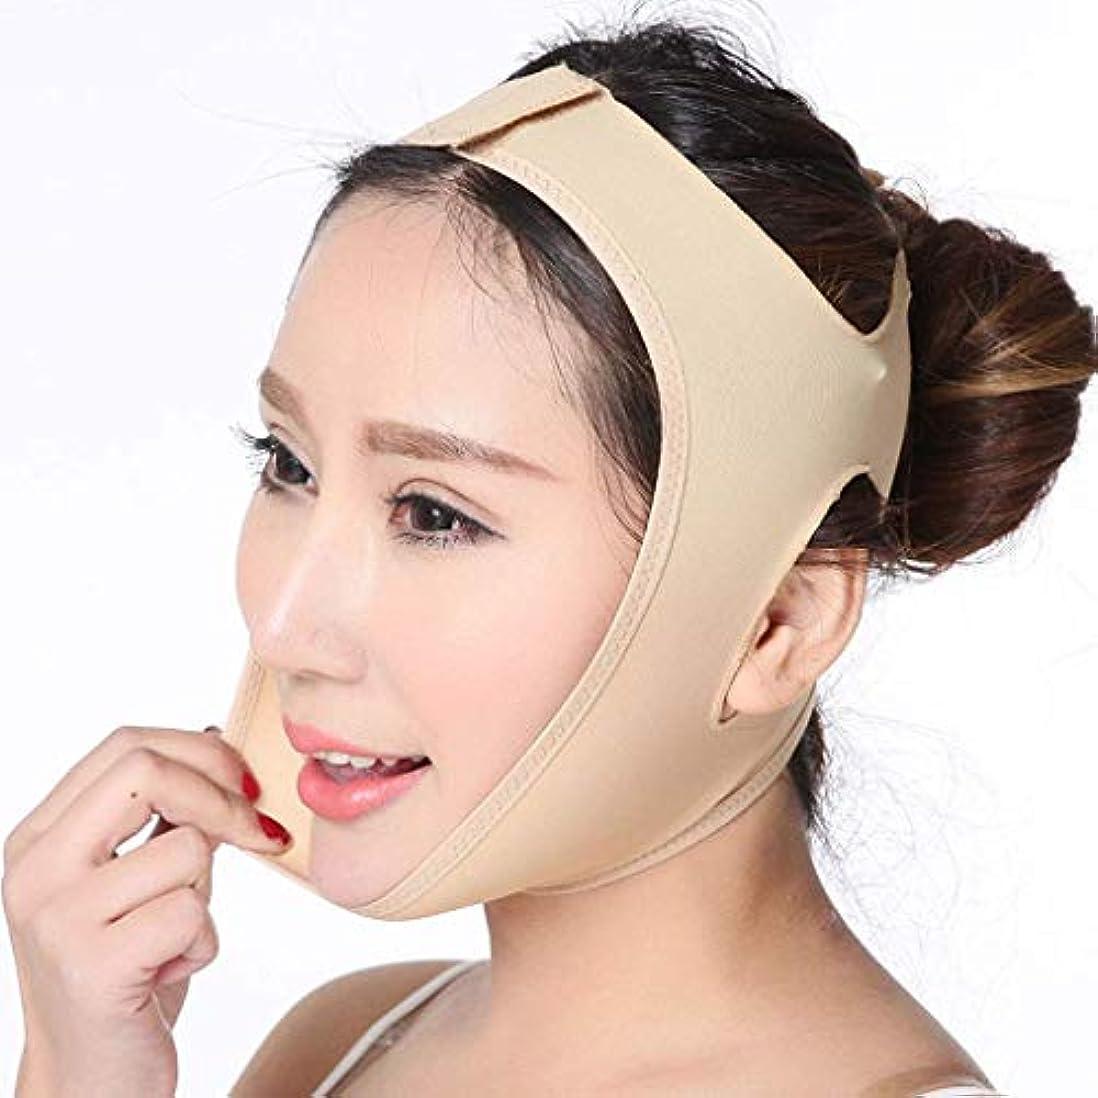 ポケットペルー鳴らすフェイスリフティング包帯、スリムマスク頬紅顔/痩身包帯をスリミング睡眠とV顔は、二重あご通気性、肌を減らす (XXL)